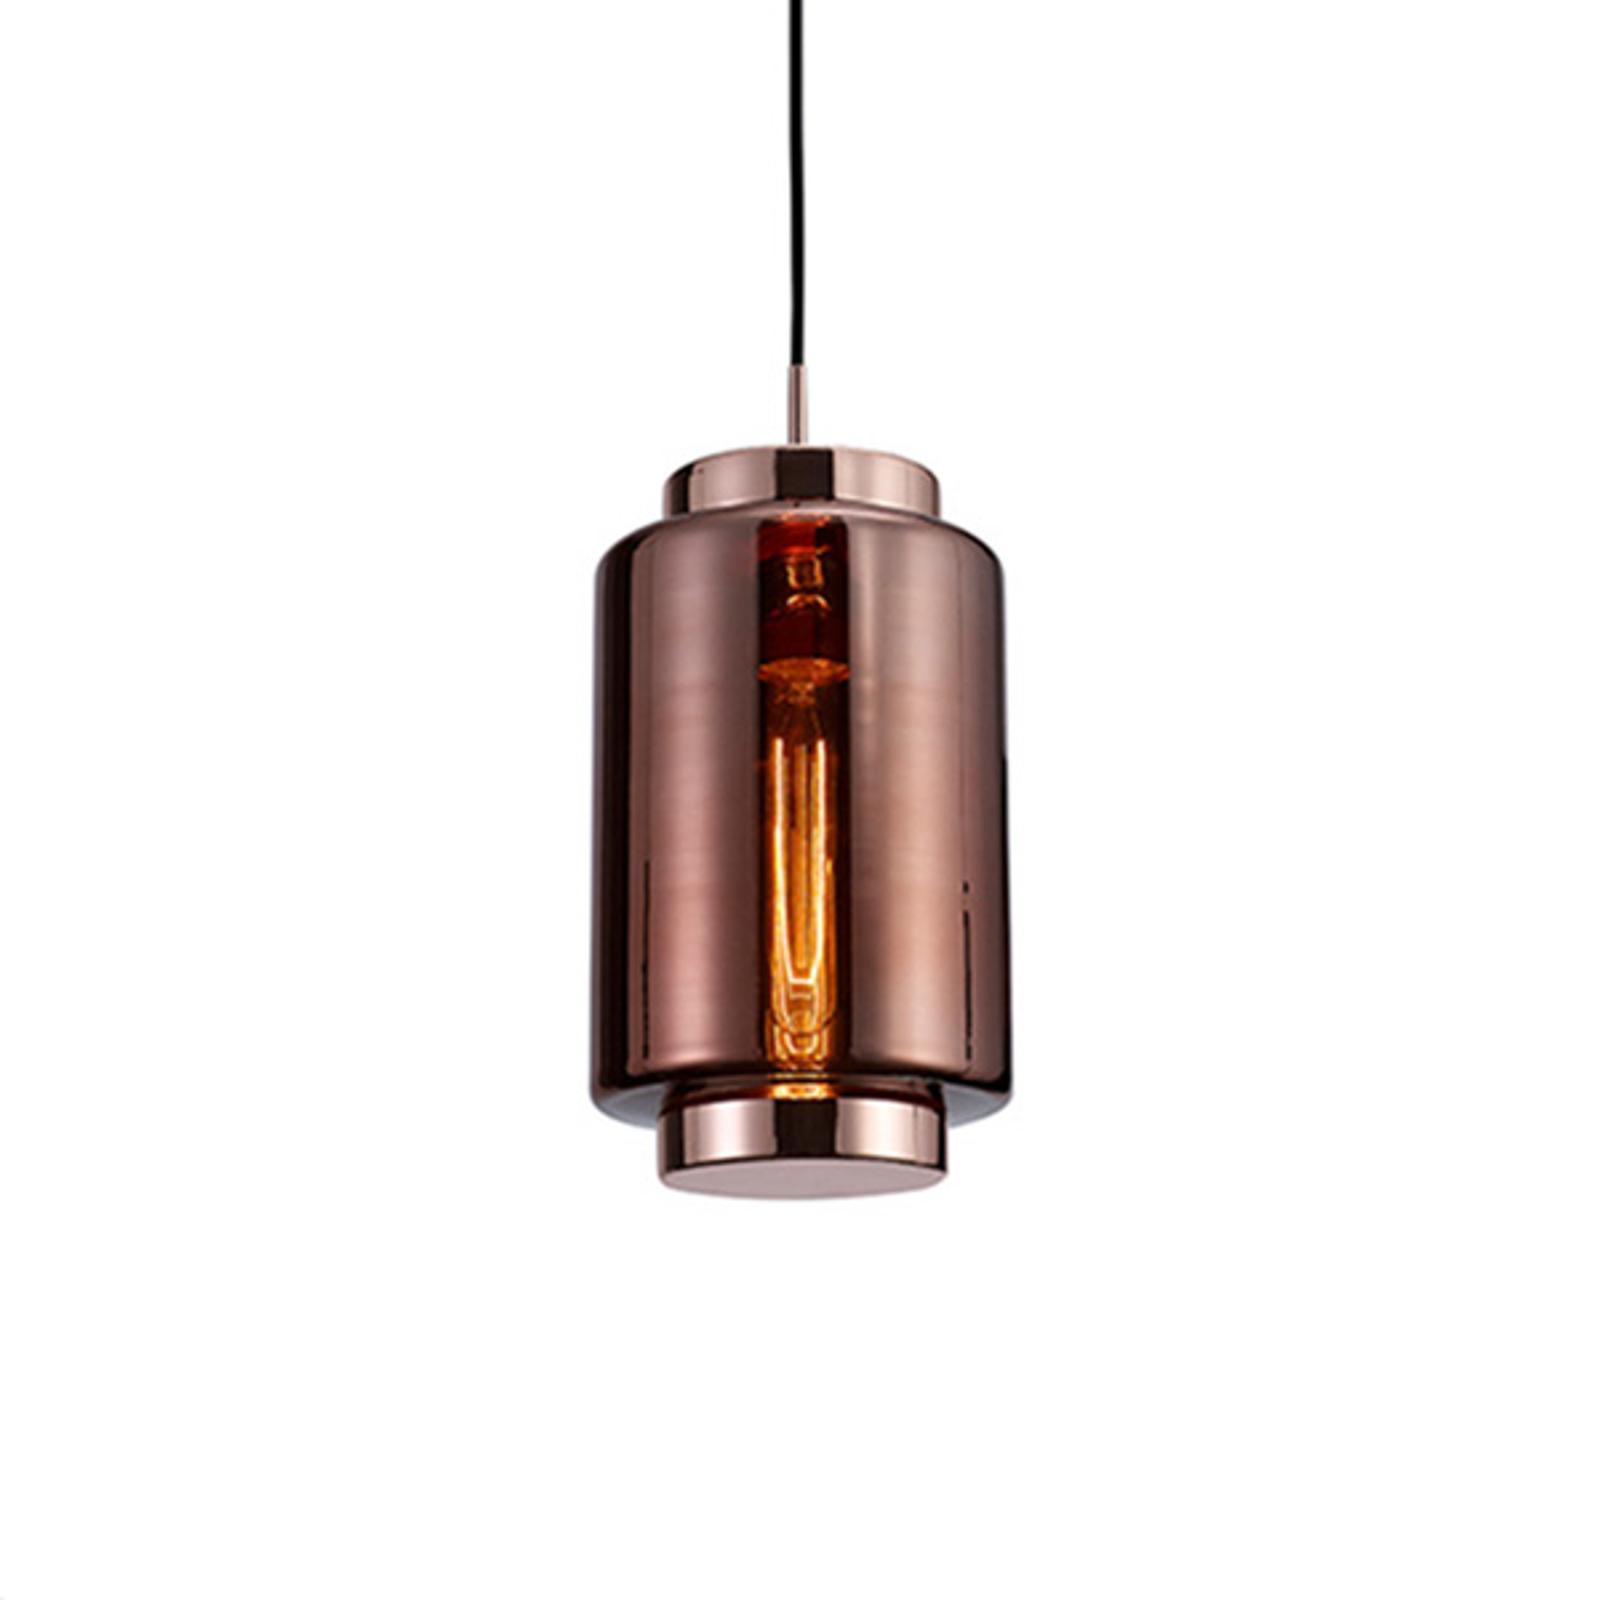 Lampa wisząca Jarras wysokość 34,5 cm, miedziana